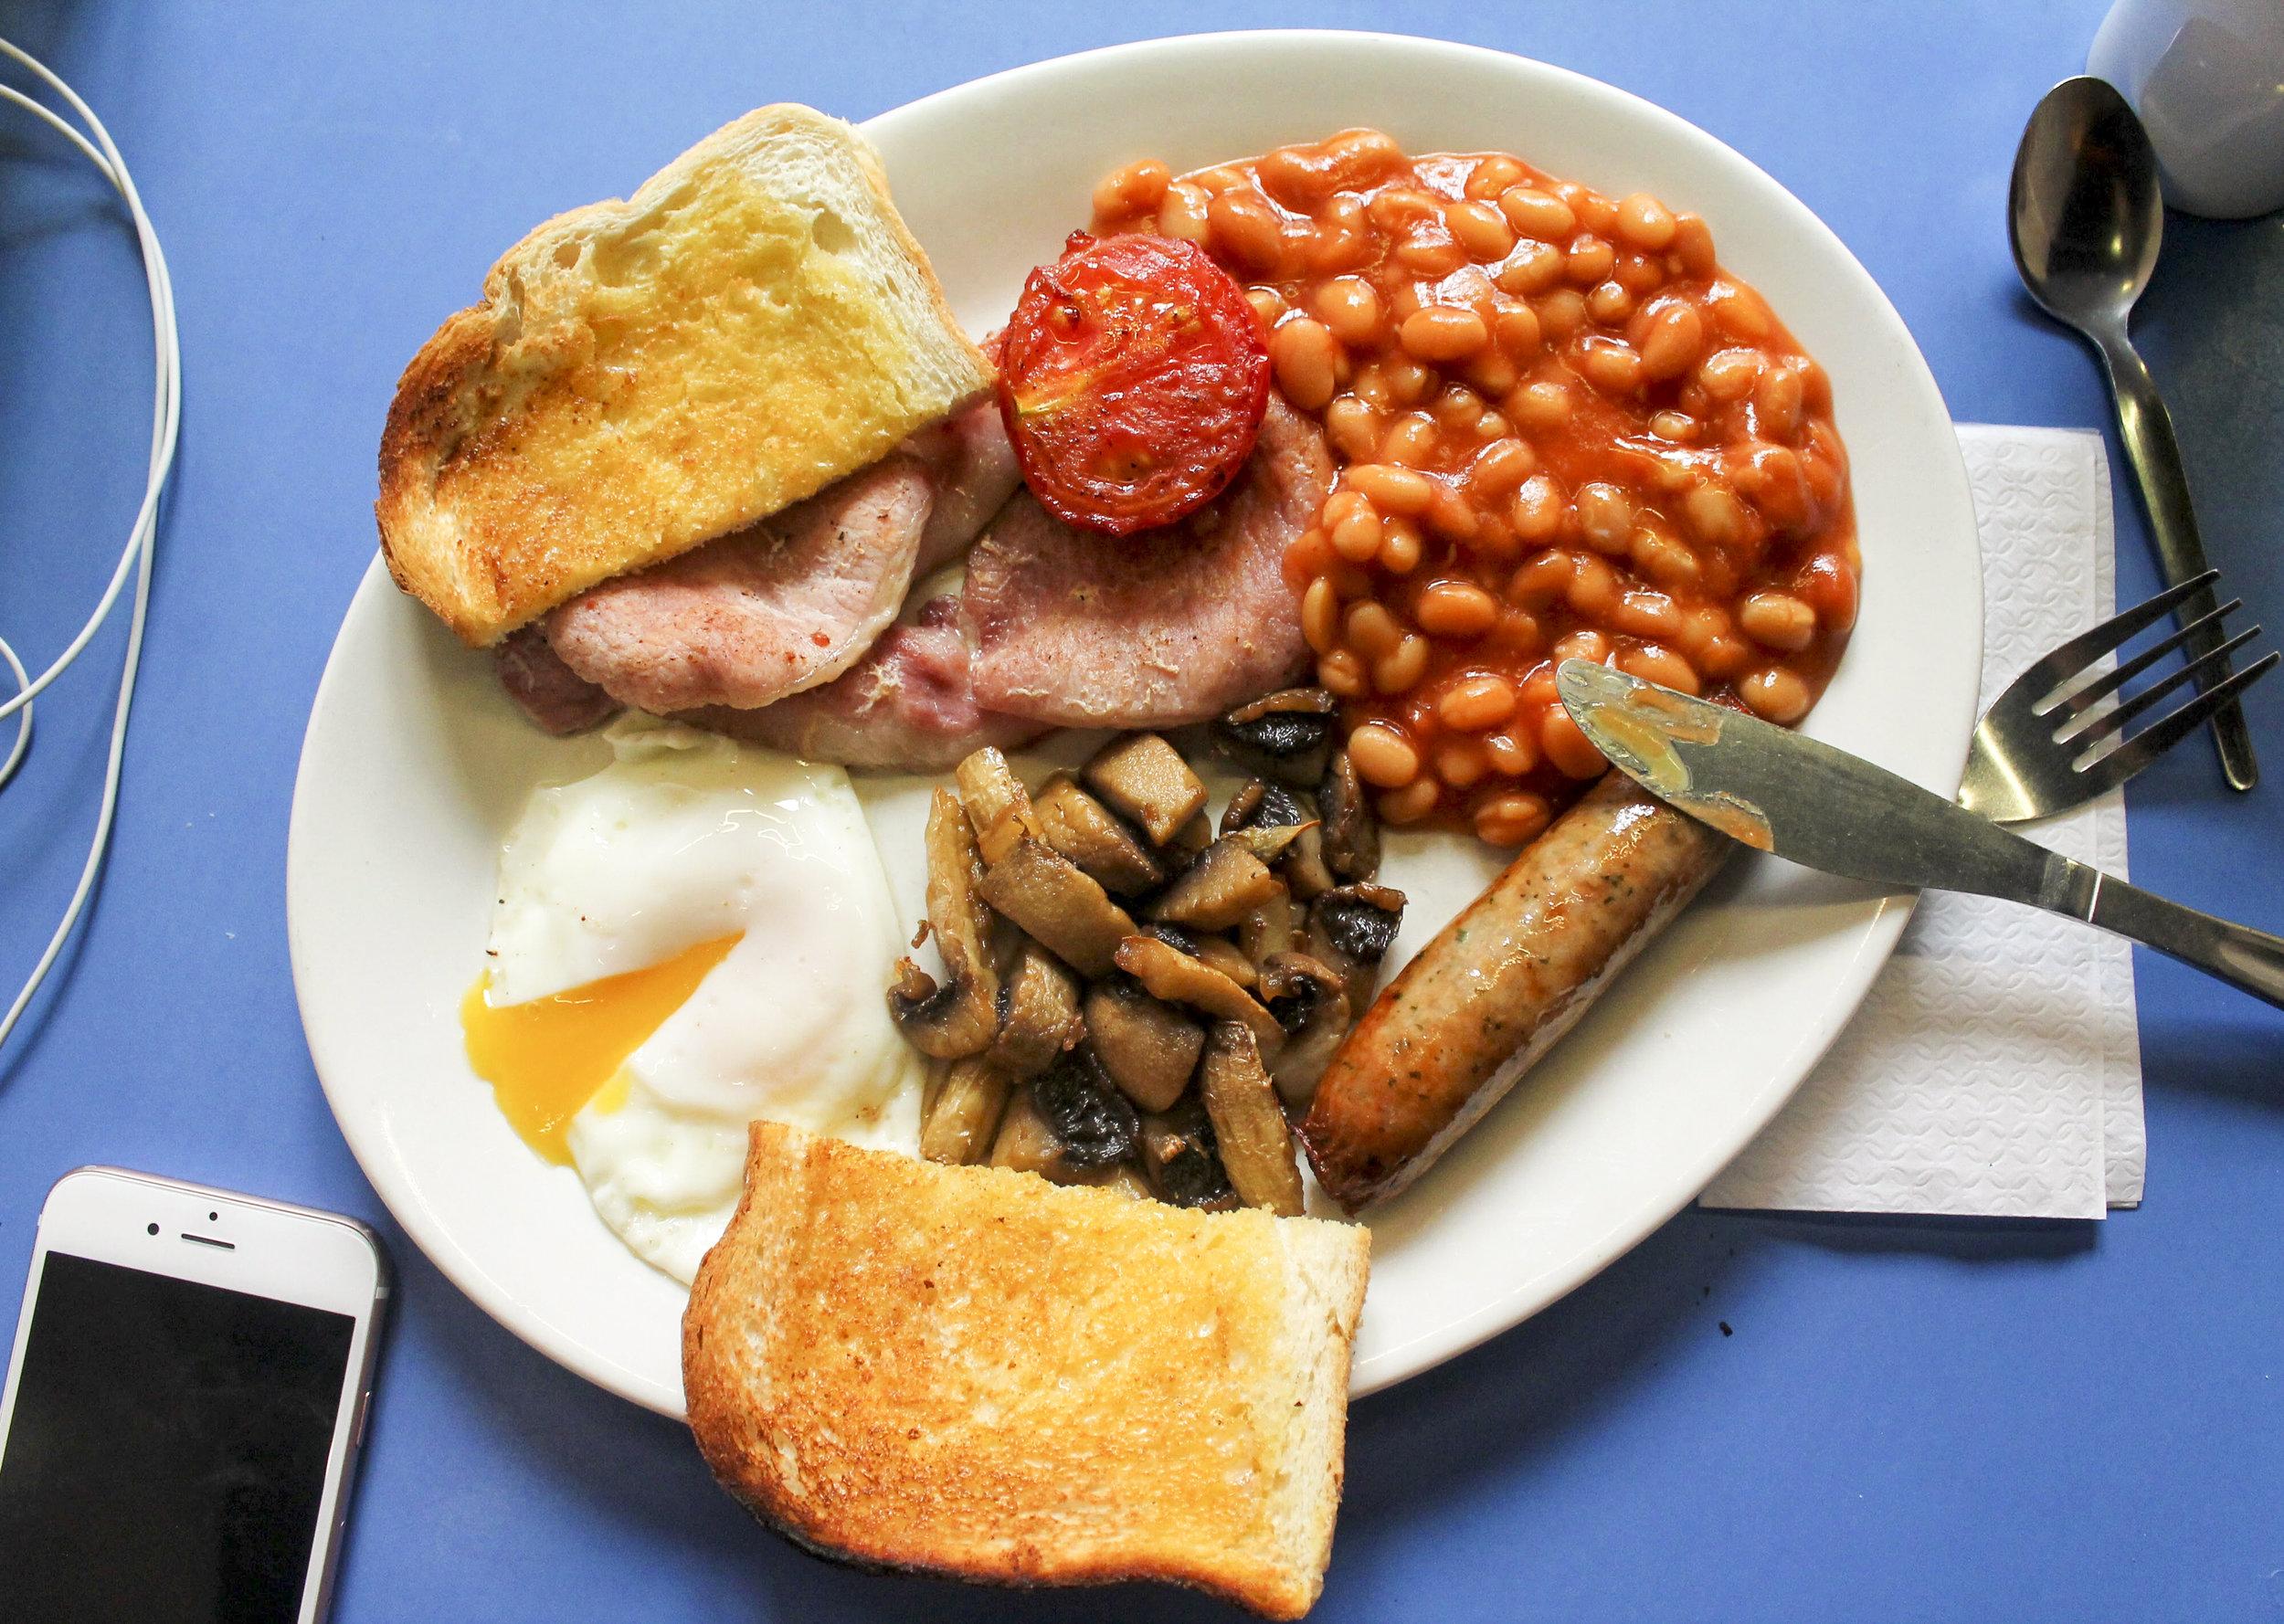 Full English breakfast at The Gammon Rasher